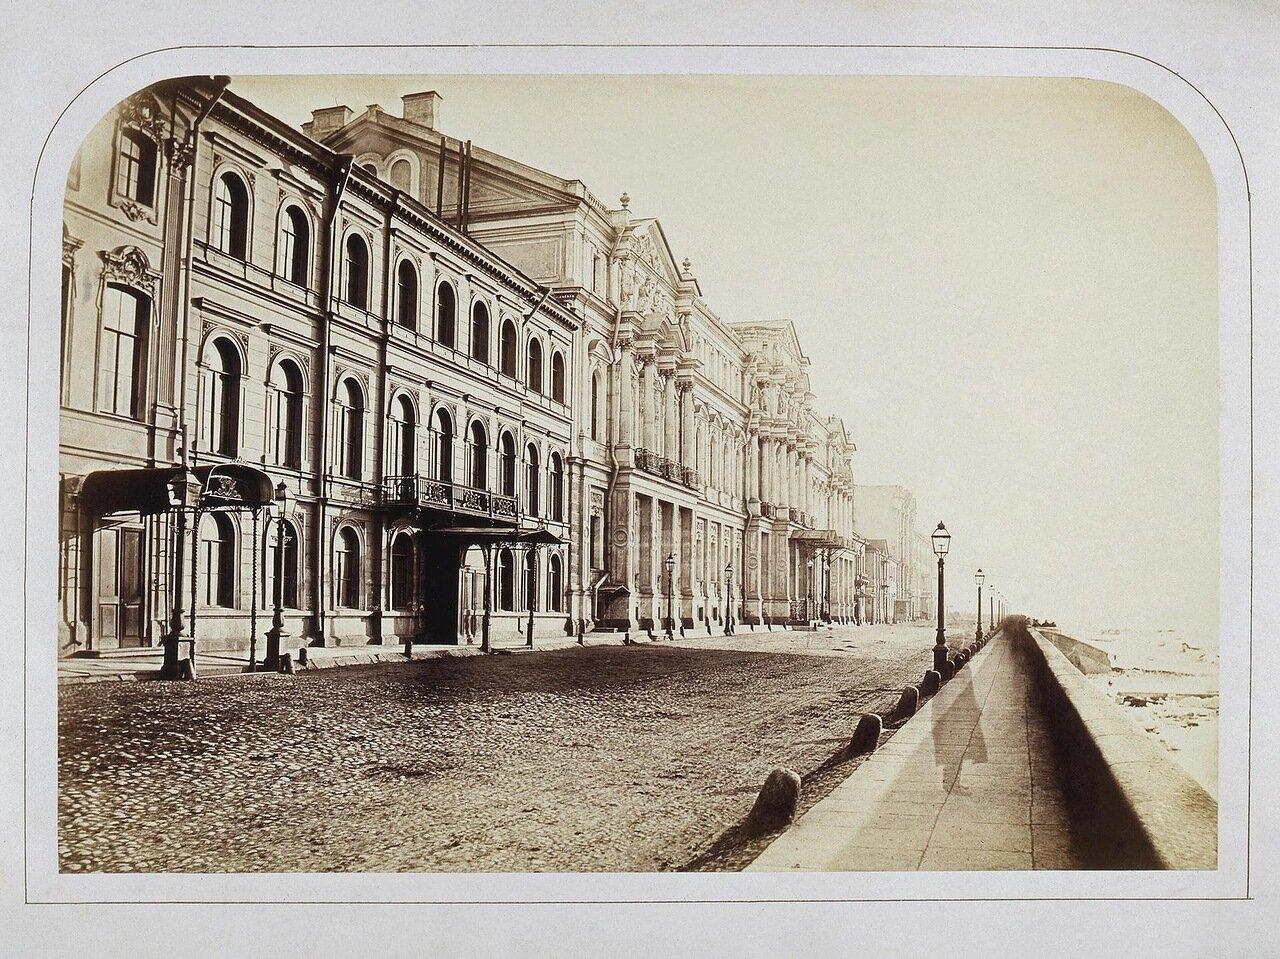 Вид набережной Невы со зданием Ново-Михайловского дворца